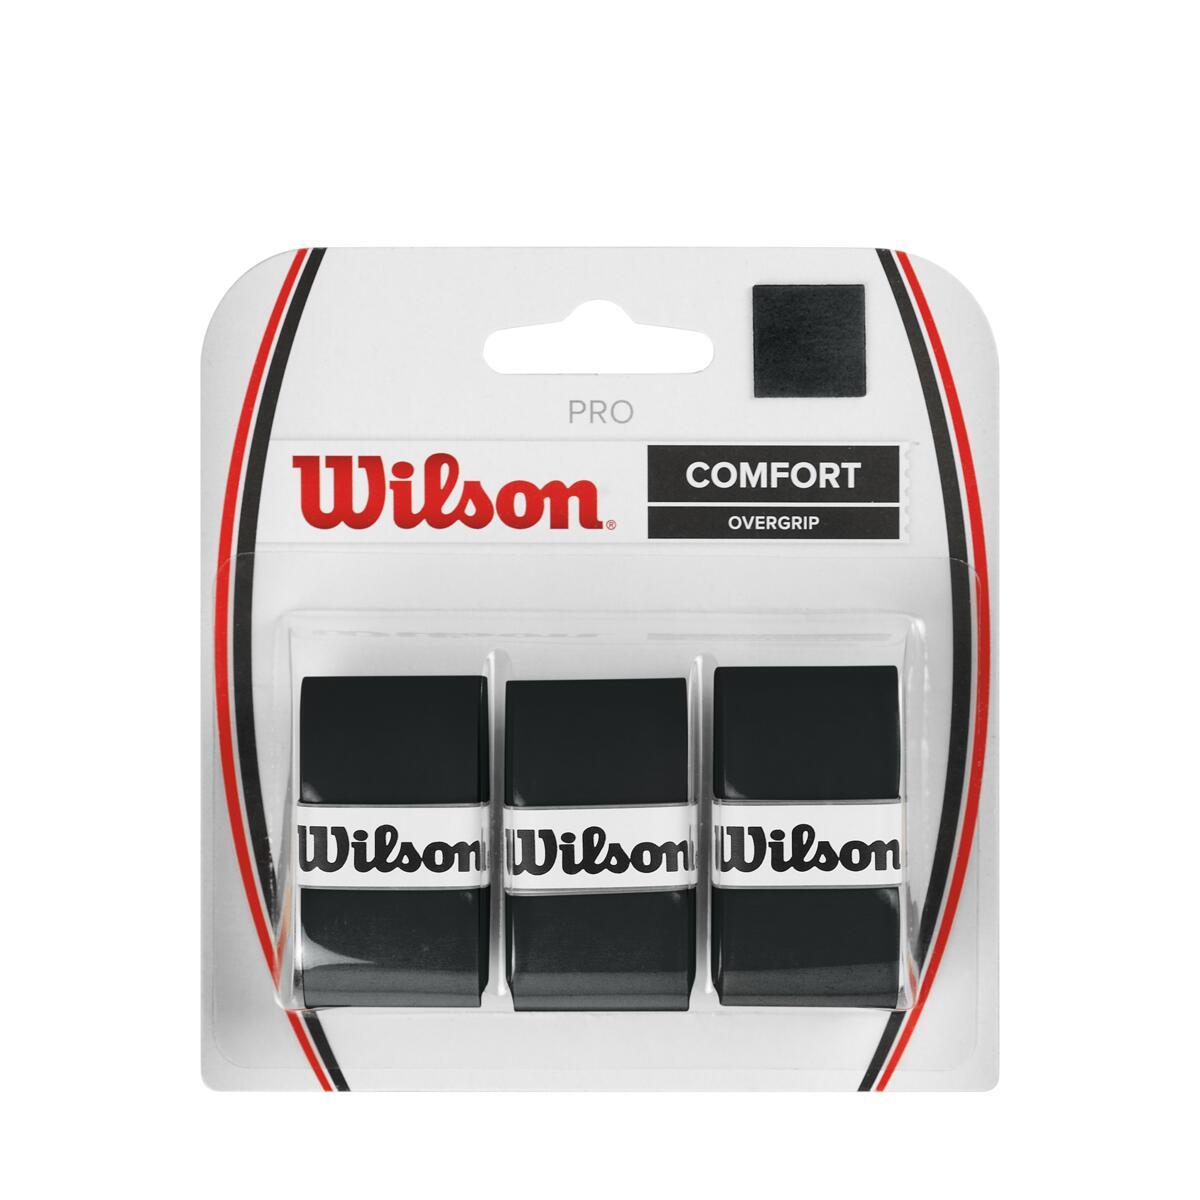 WILSON PRO OVERGRIP COMFORT - SCHWARZ